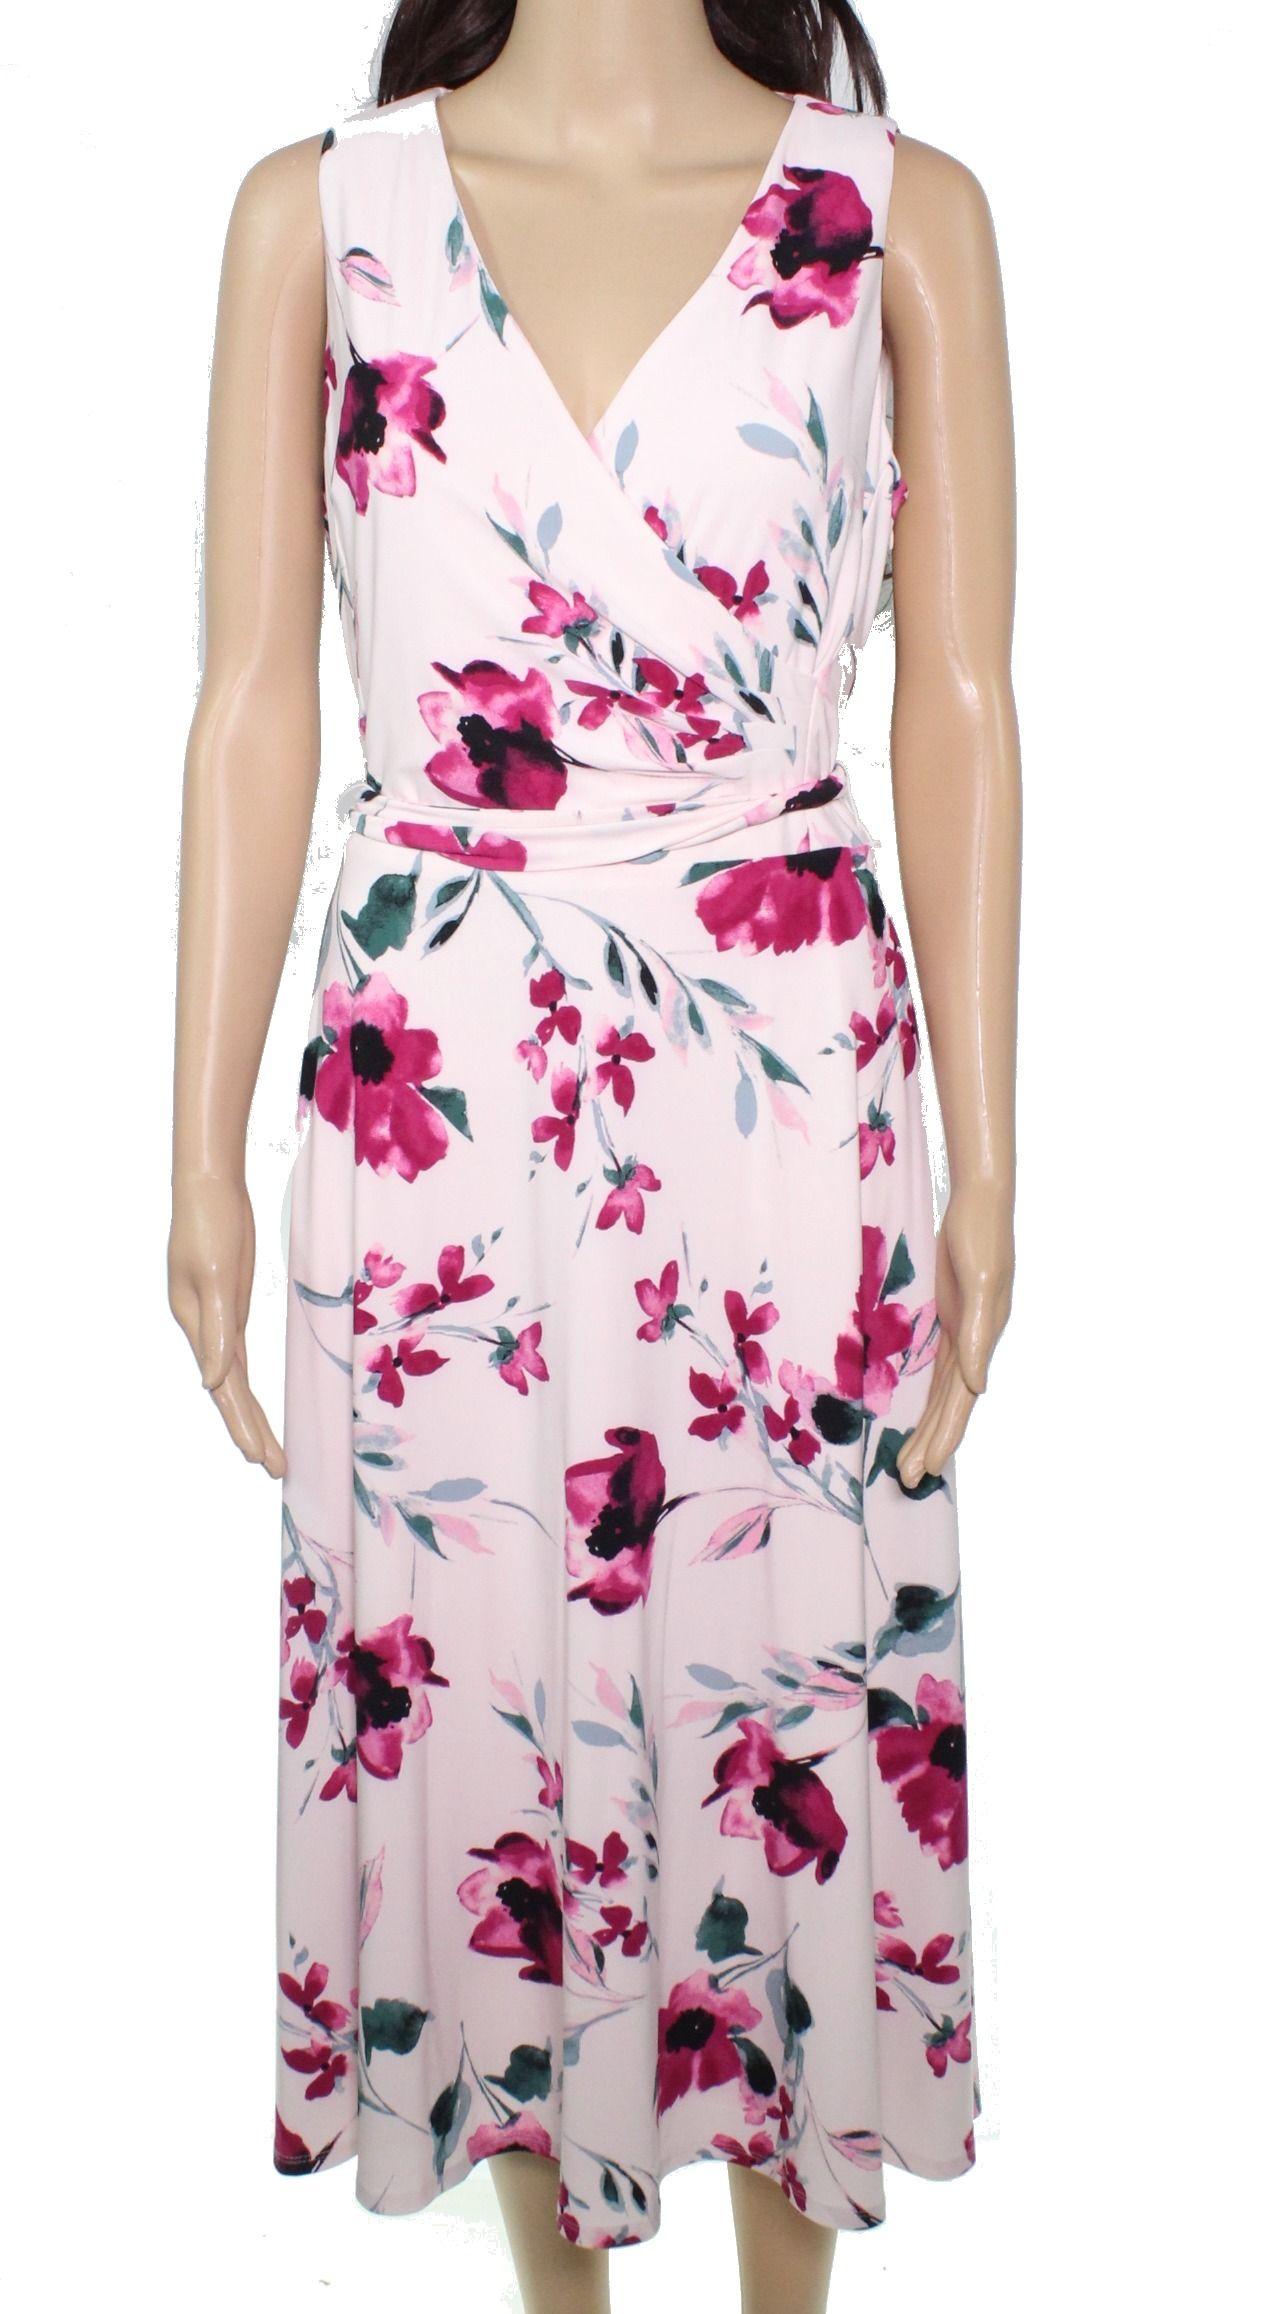 Lauren By Ralph Lauren Women's Dress Pink Size 10 Floral Surplice Midi